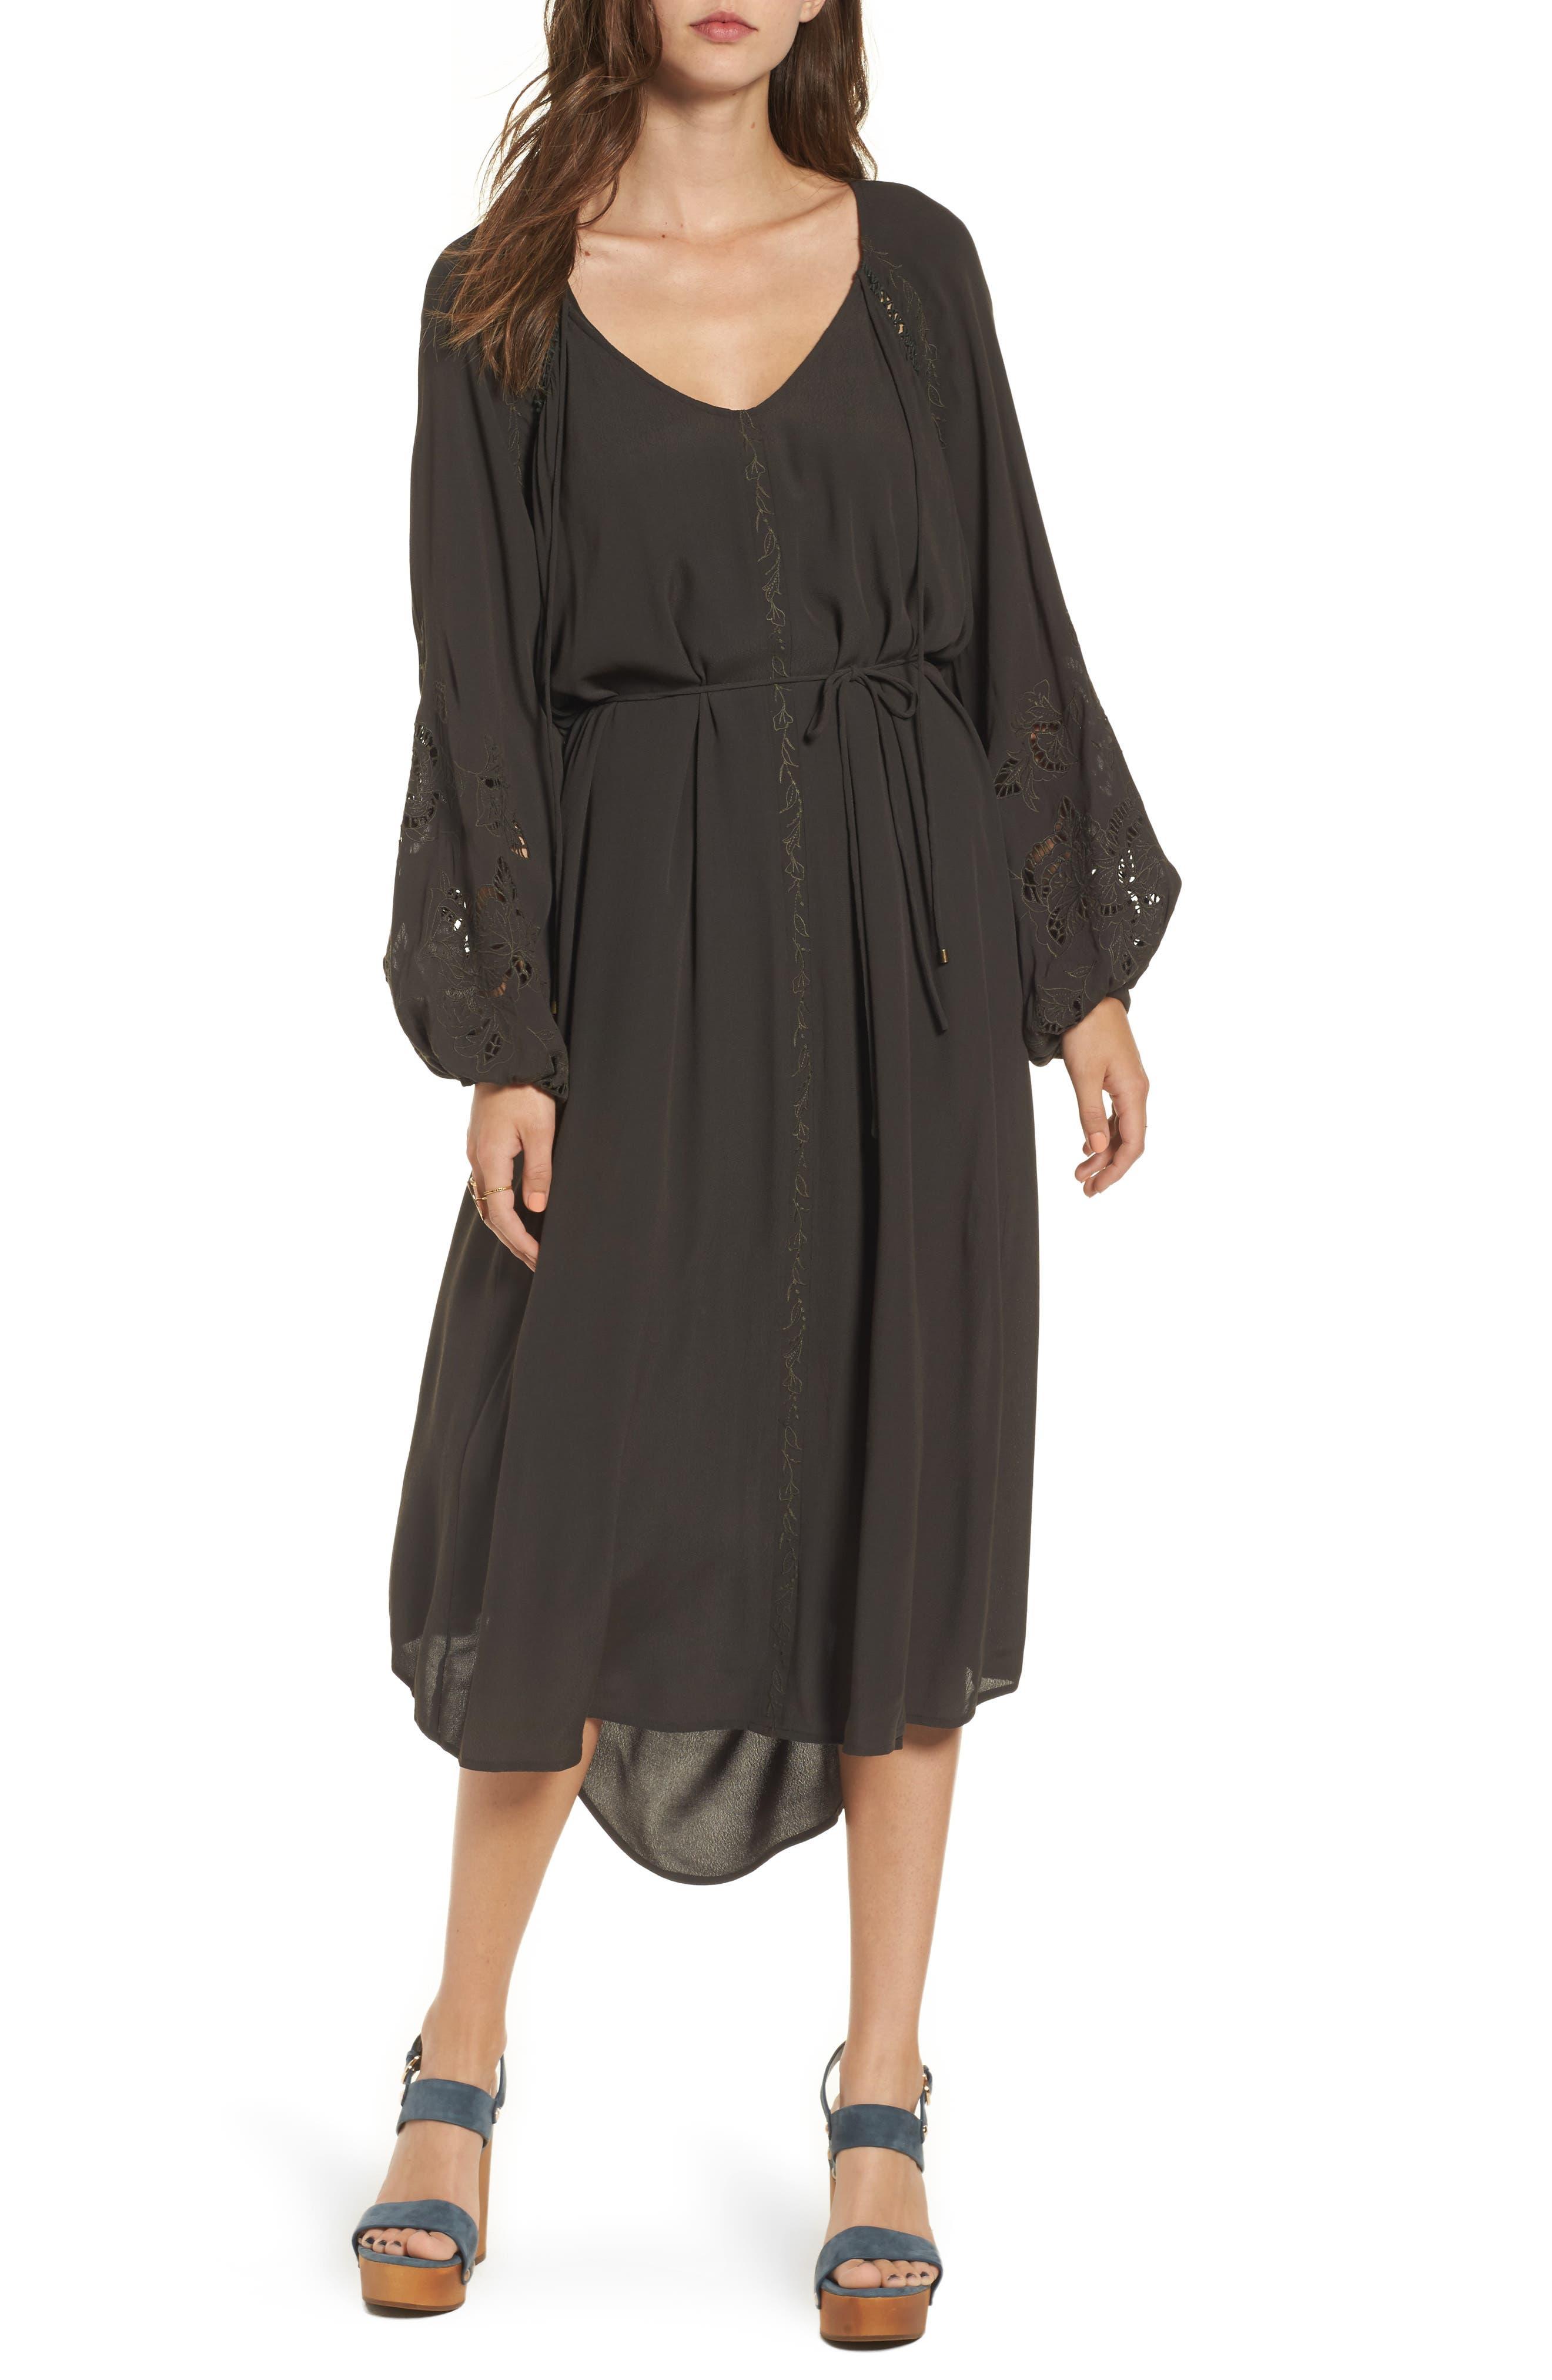 ASTR the Label Ava Crochet Detail Dress